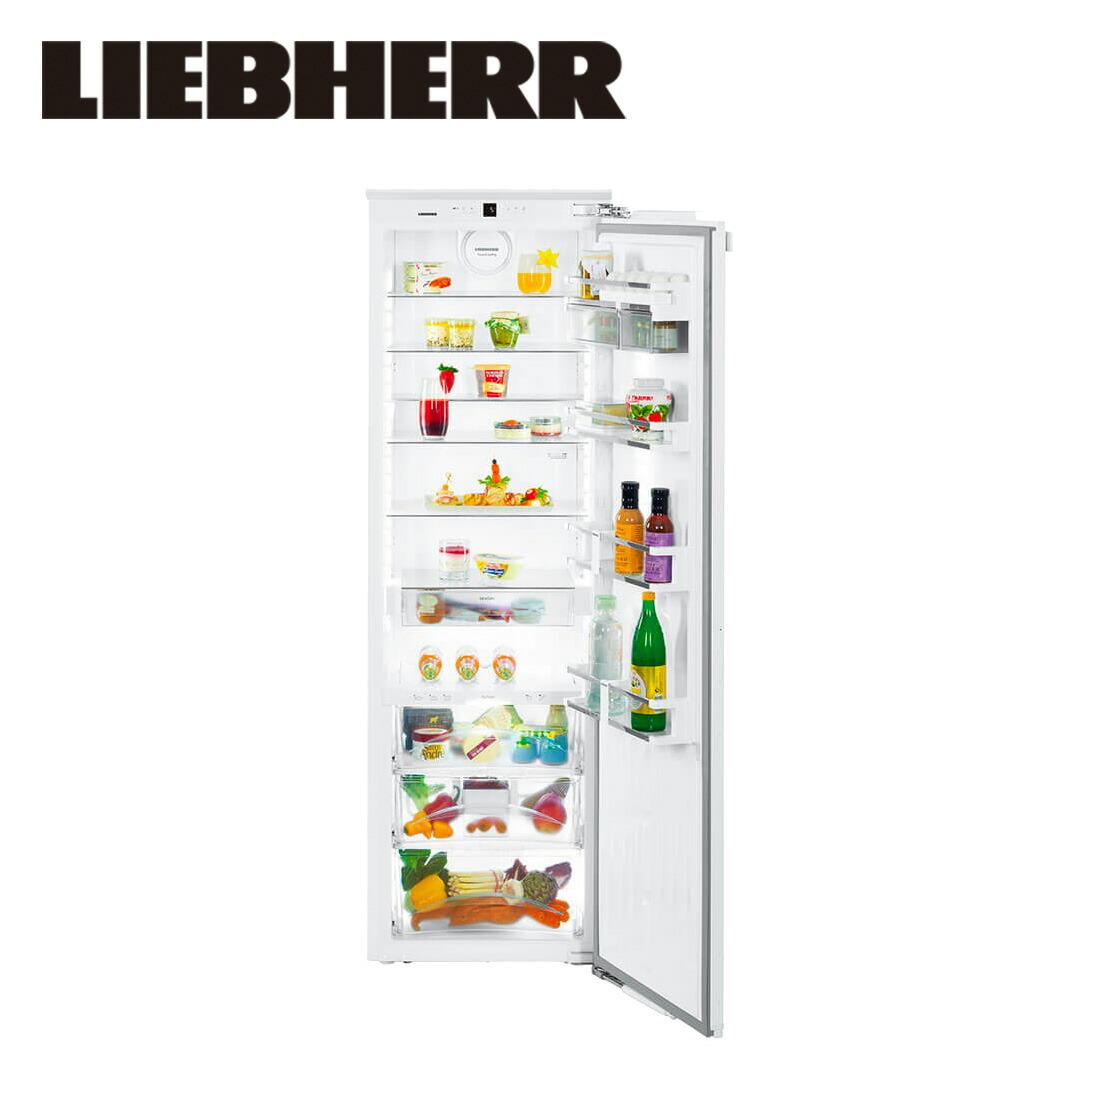 【ポイント不要の場合値引】【一都三県は送料・設置費無料】LIEBHERR リープヘル 冷蔵庫 SIKB3550 premium サイドバイサイド SBS7014 バイオフレッシュ冷蔵庫 1ドア / 代引き不可